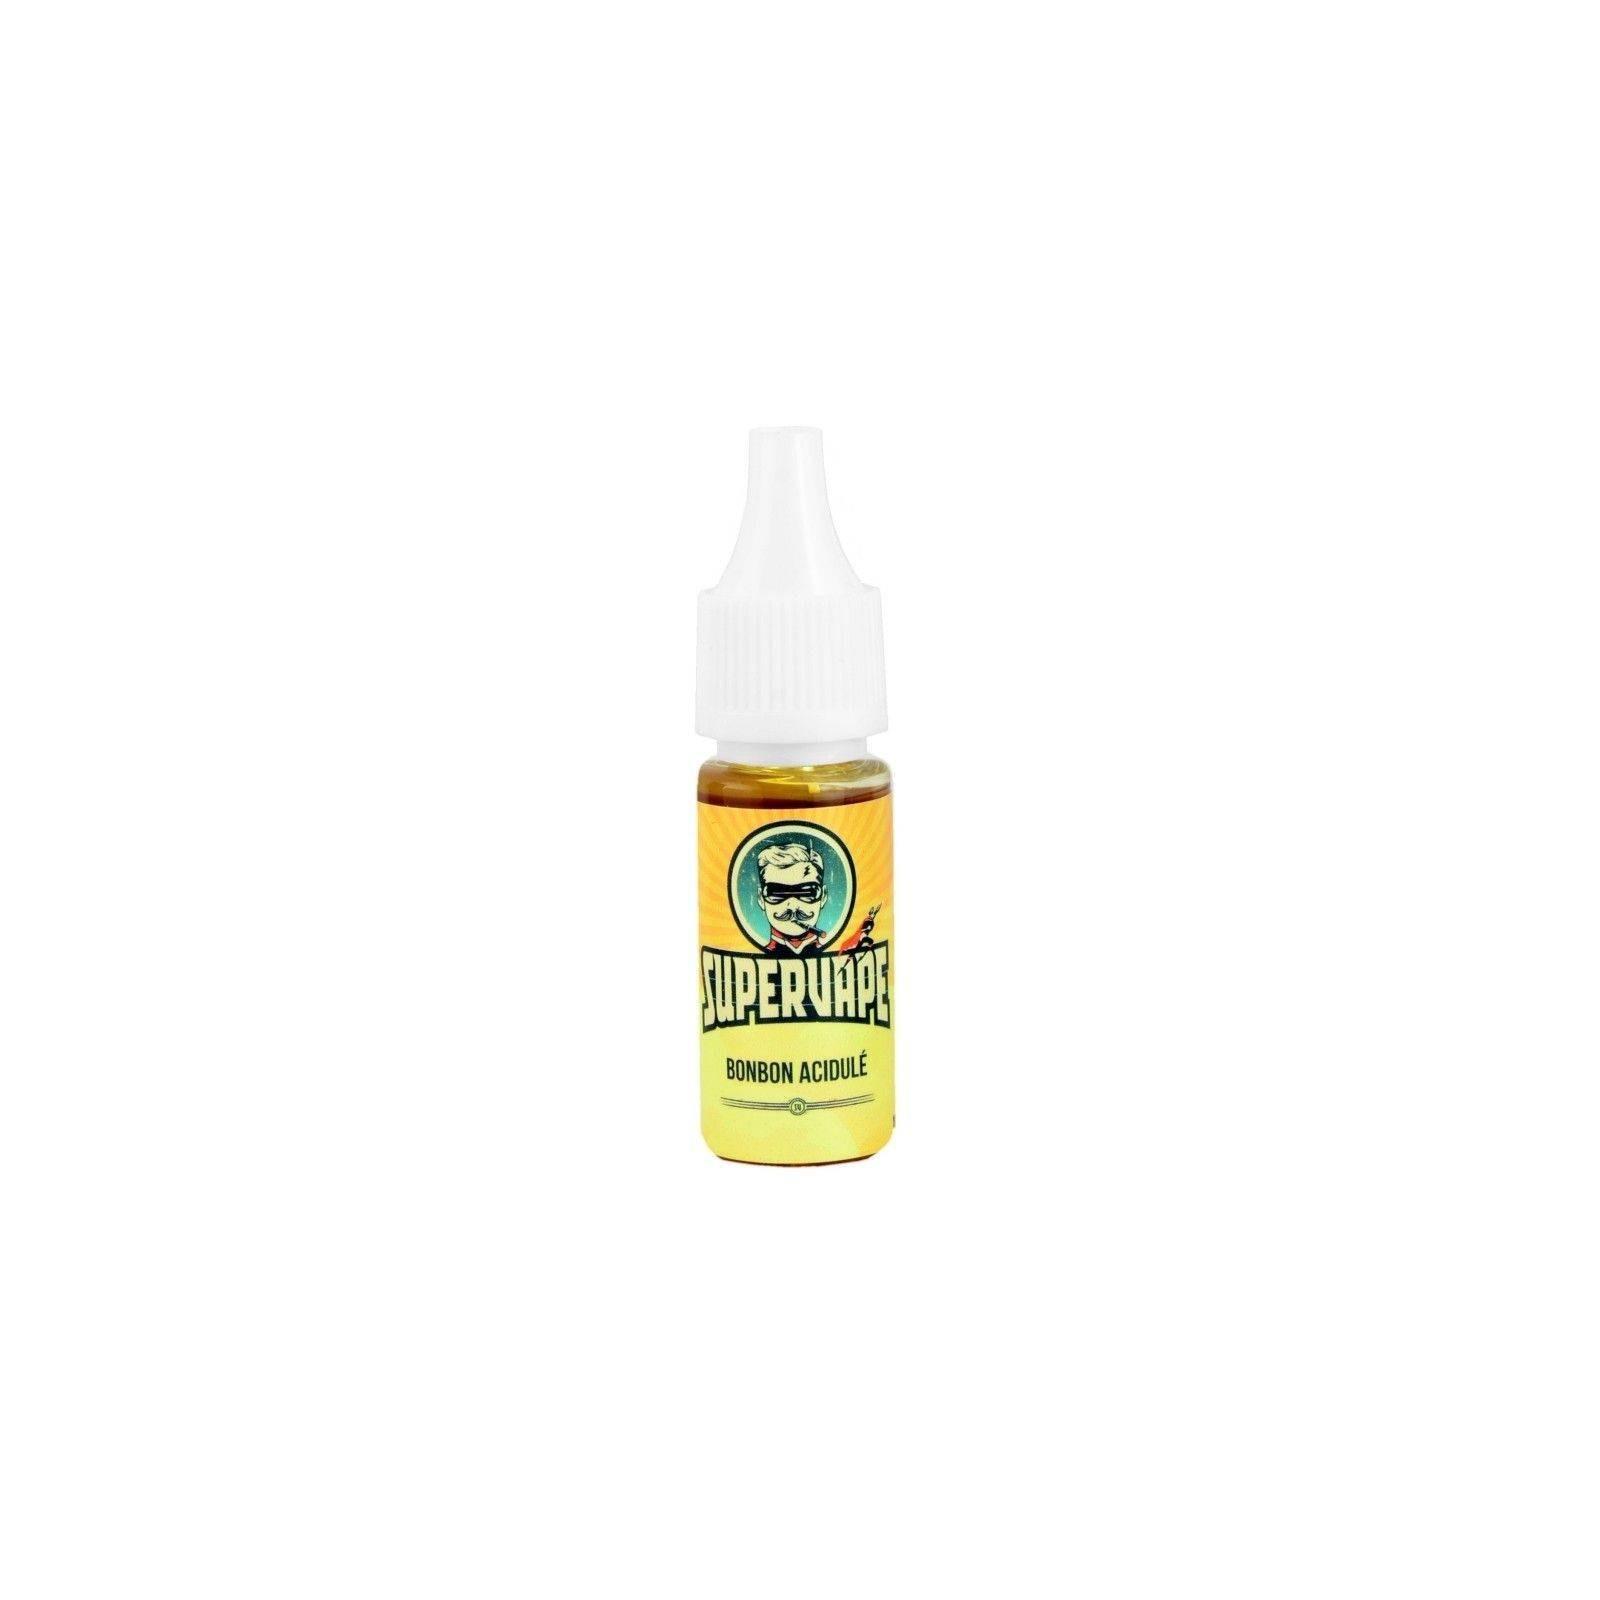 Concentré Bonbon acidulé - Supervape